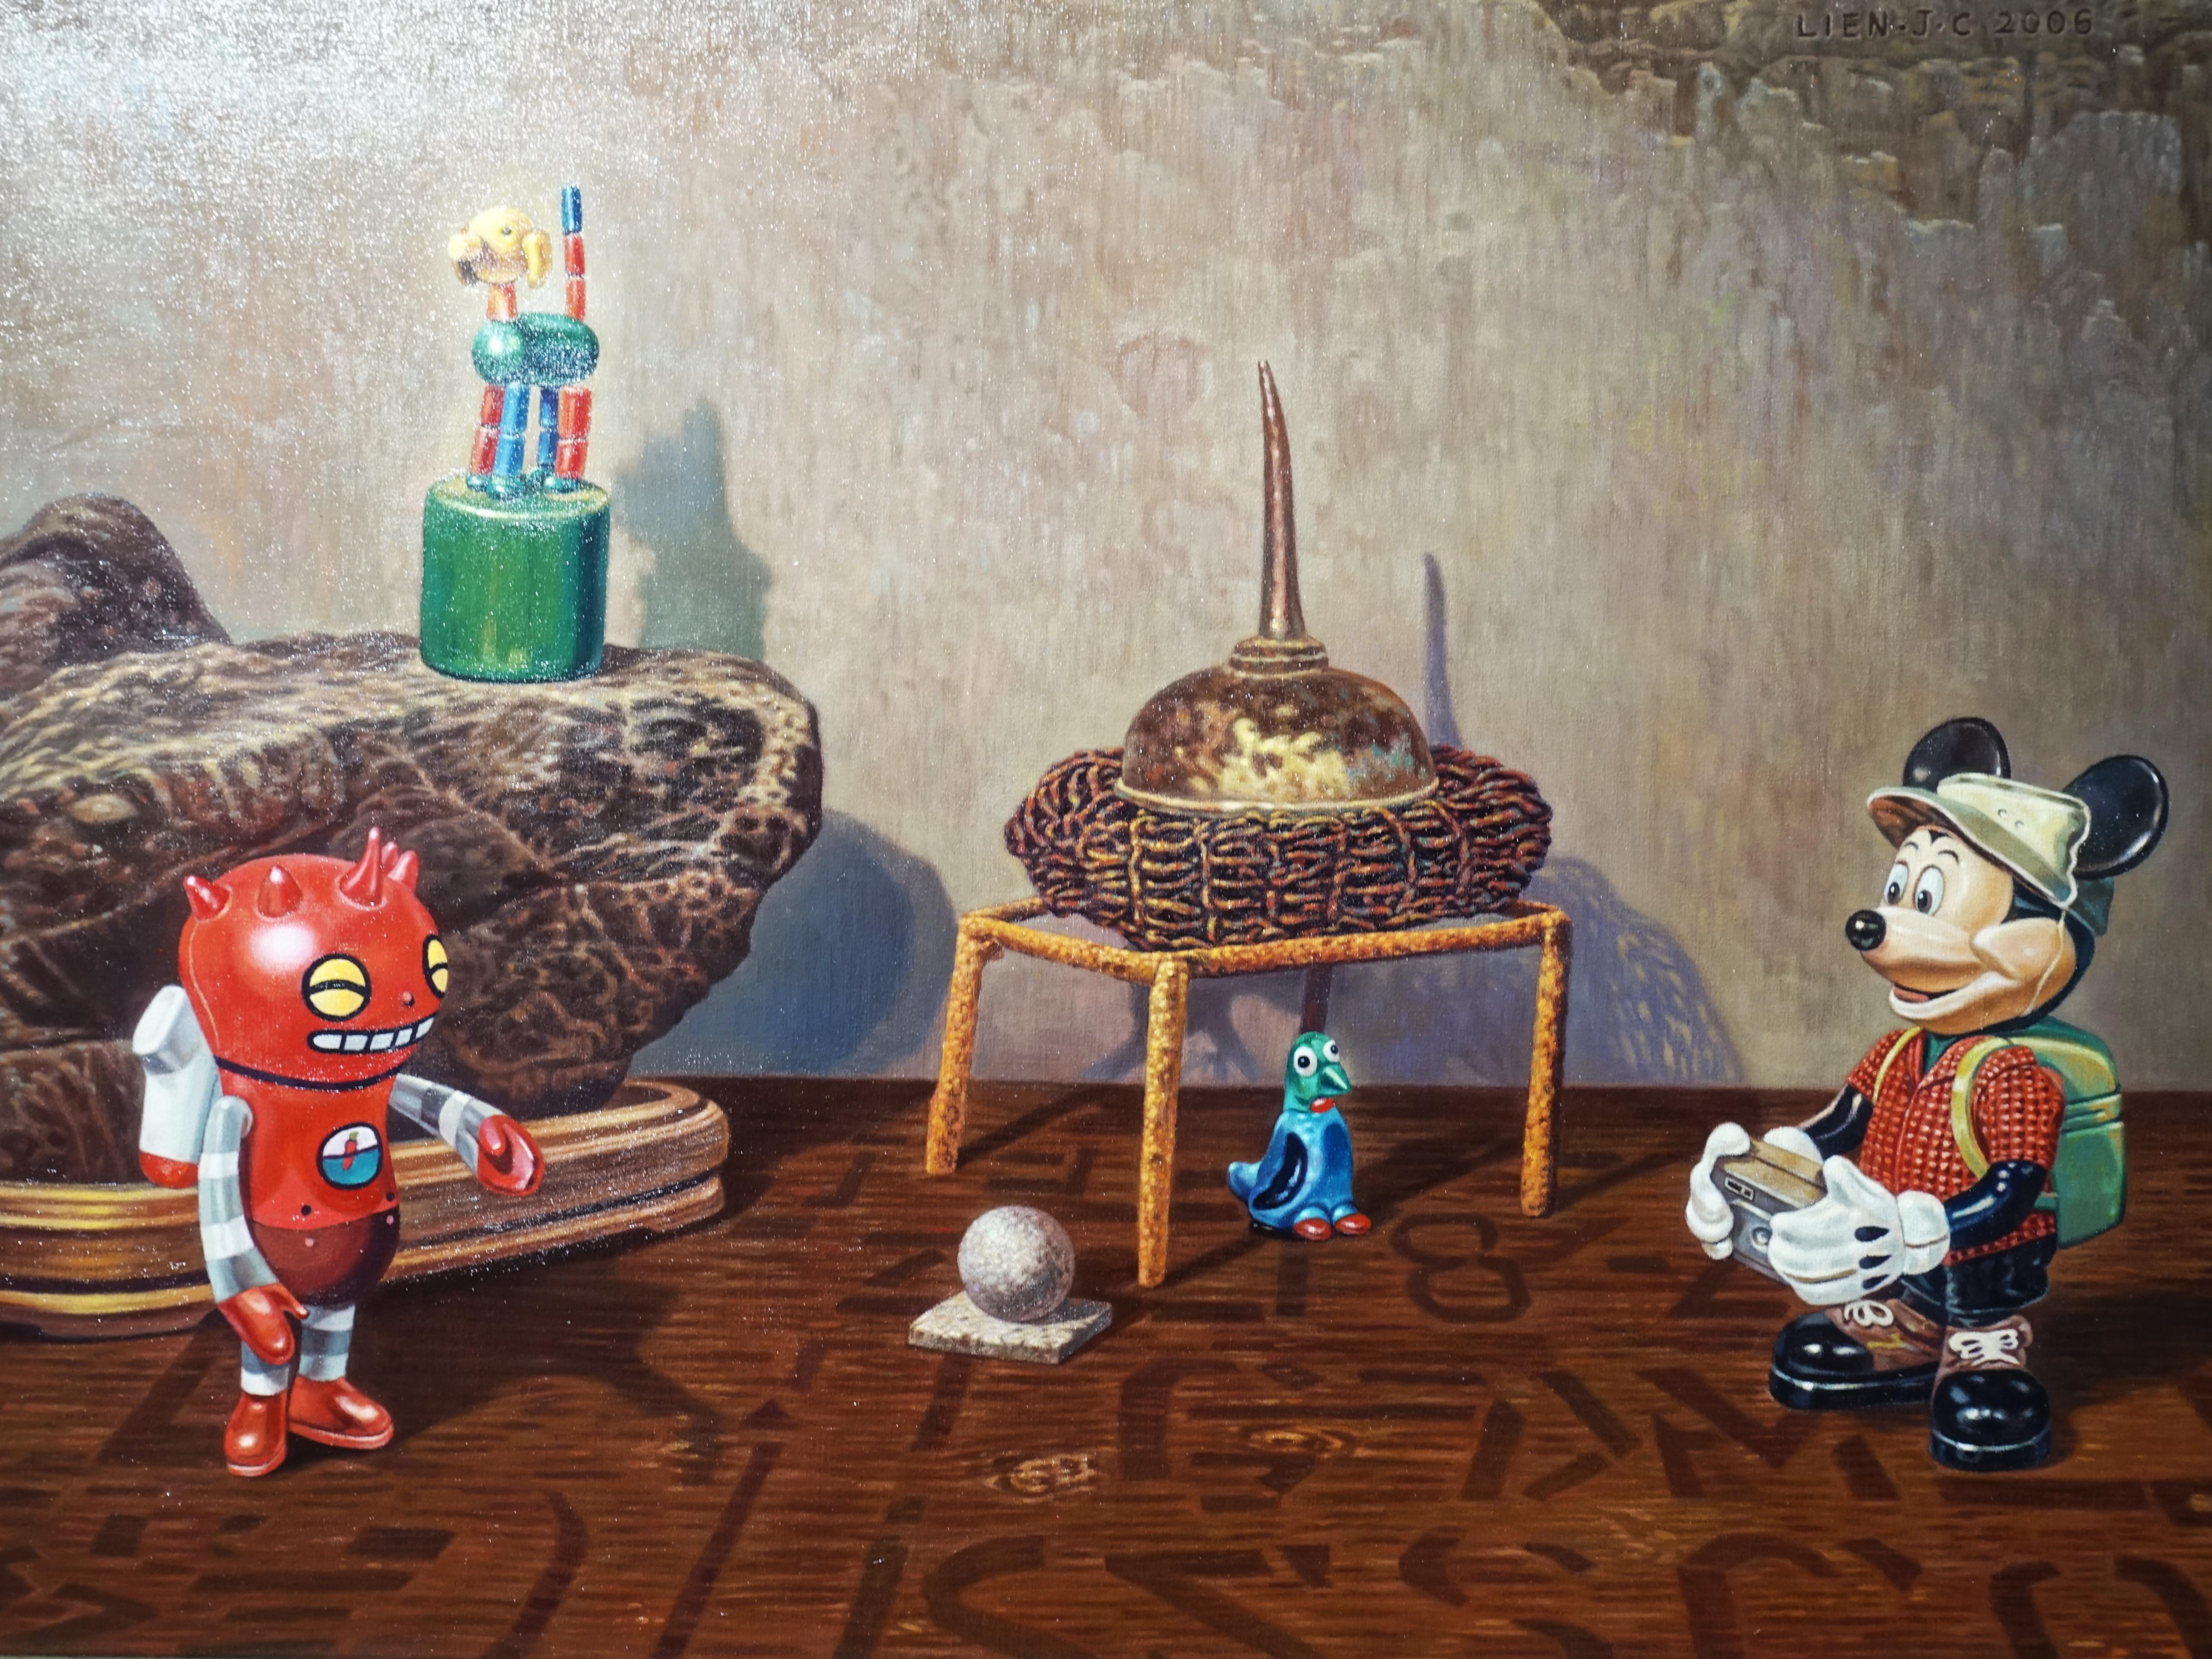 連建興,《叫我第一名》細節,91 x 65 cm,油彩、畫布,2006。